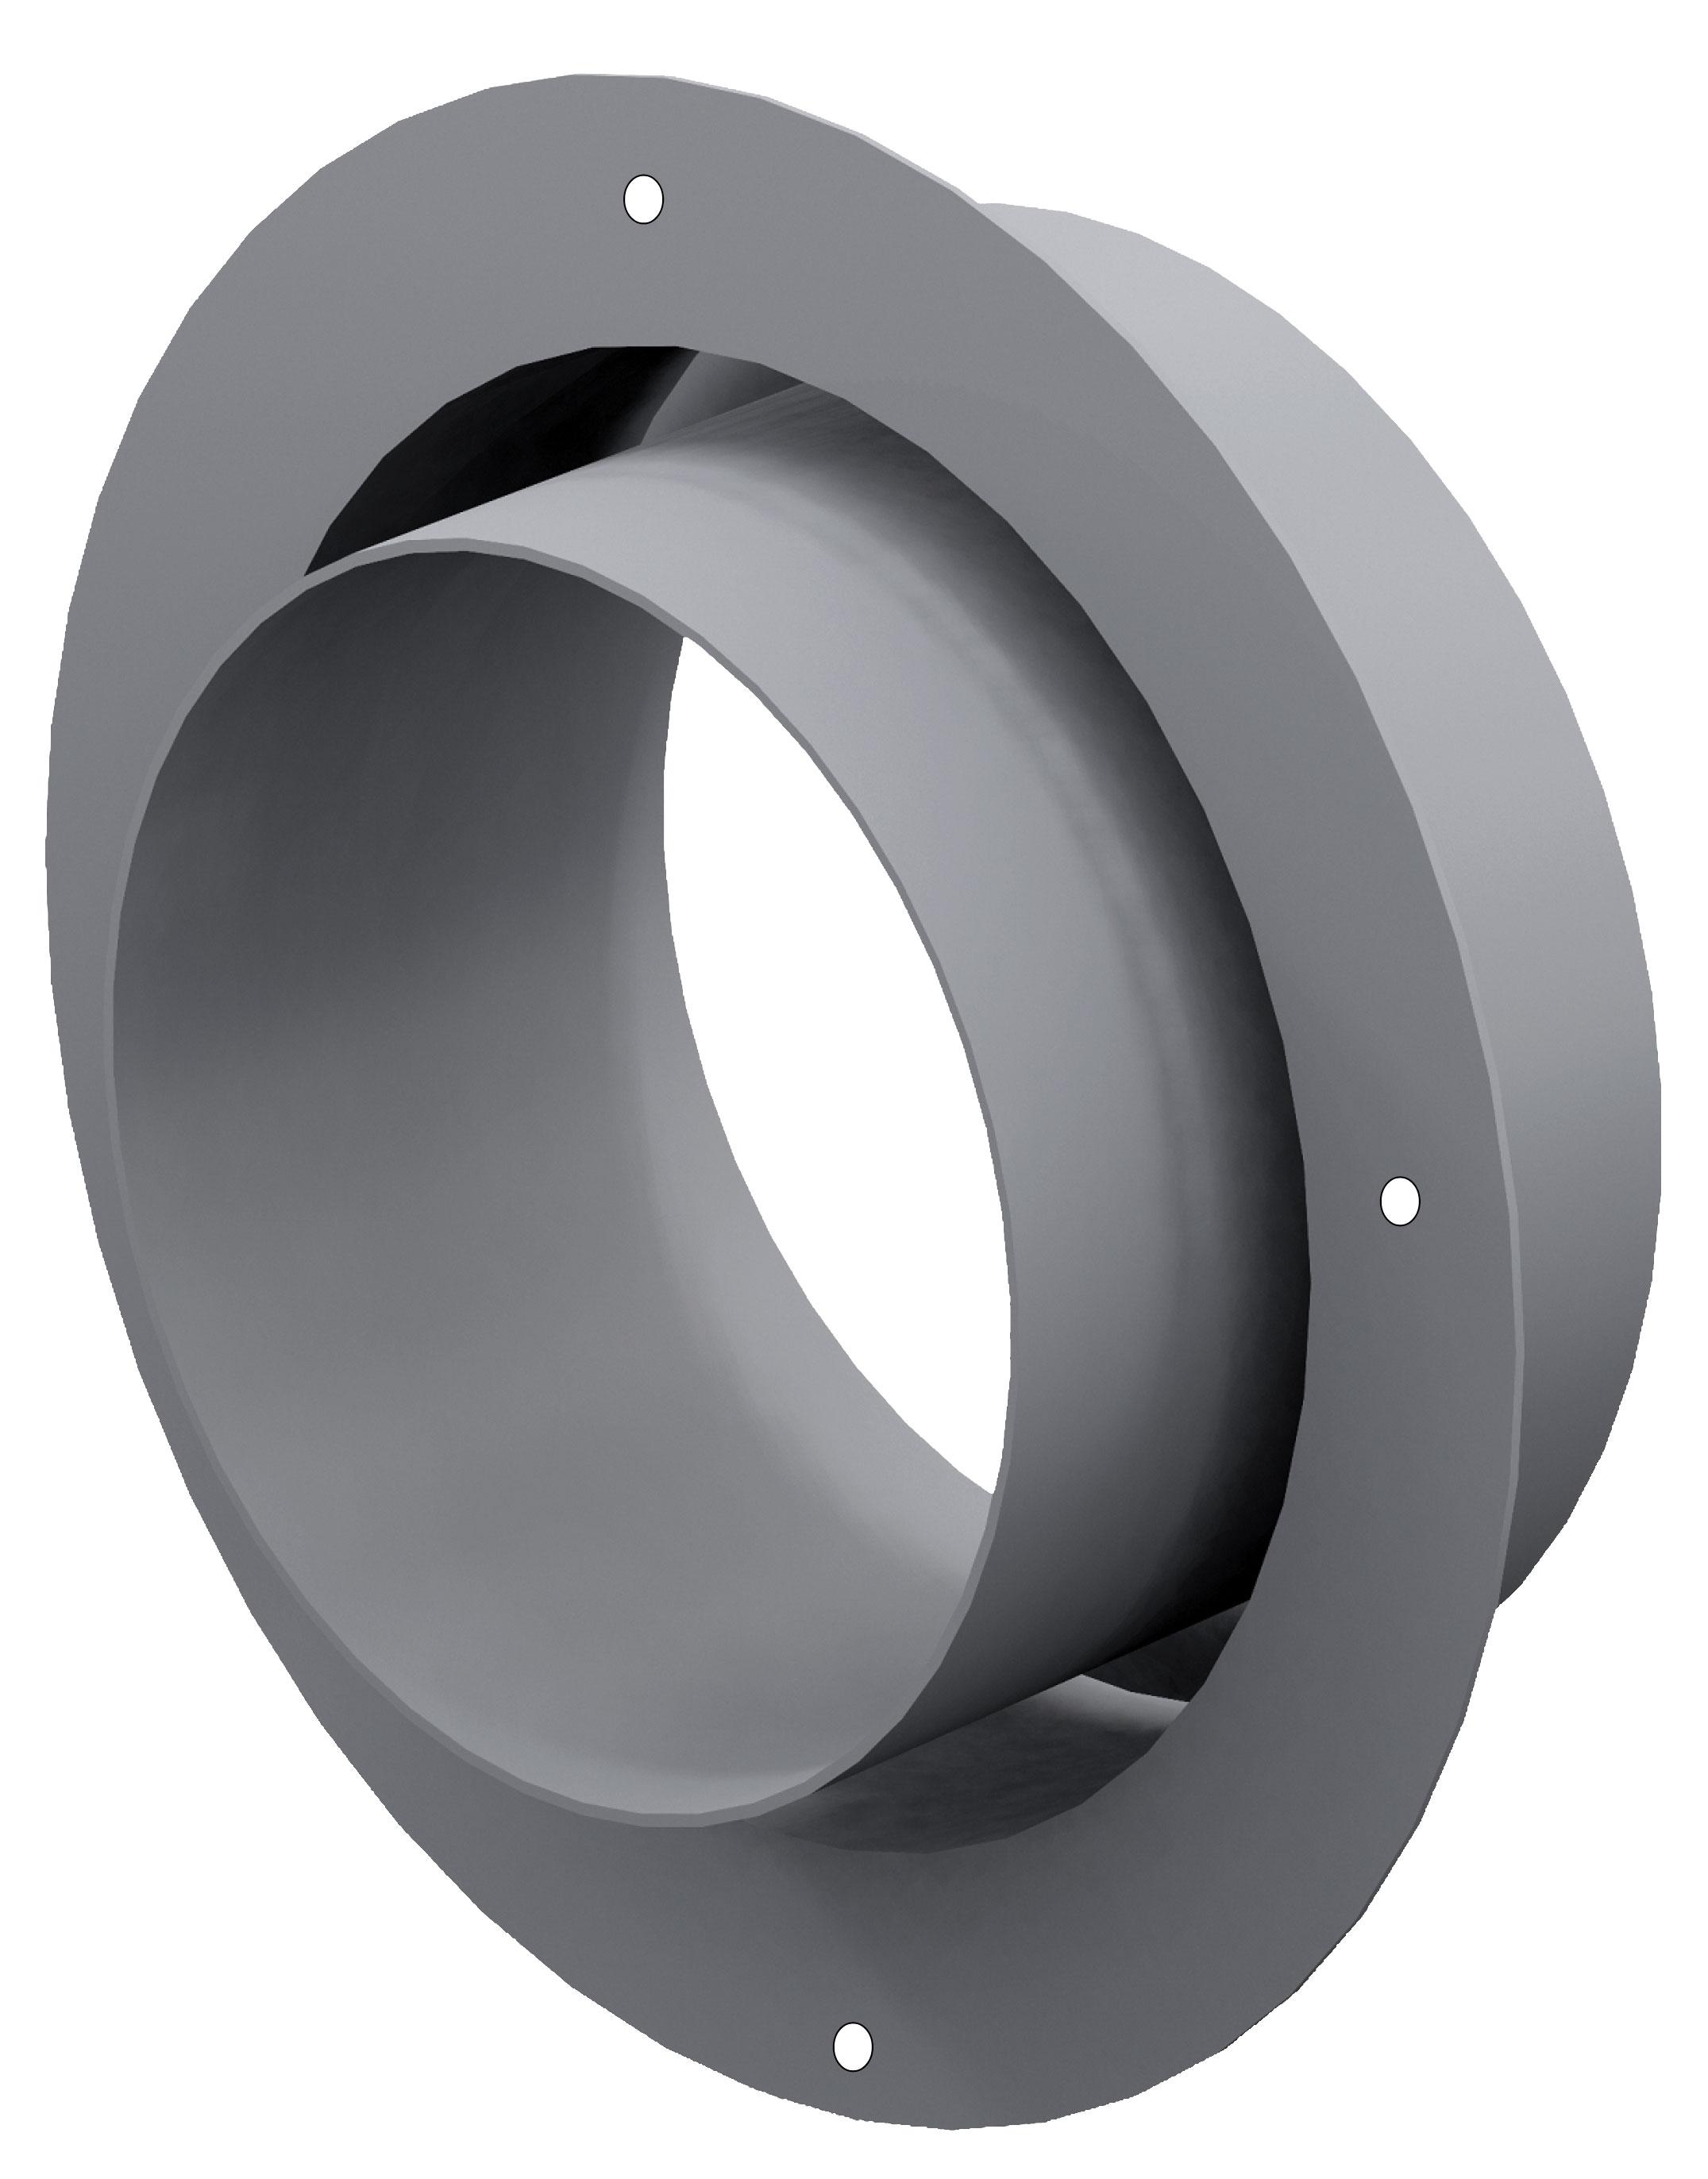 anschlussstutzen f r externe luftzufuhr 60 mm verzinkt. Black Bedroom Furniture Sets. Home Design Ideas